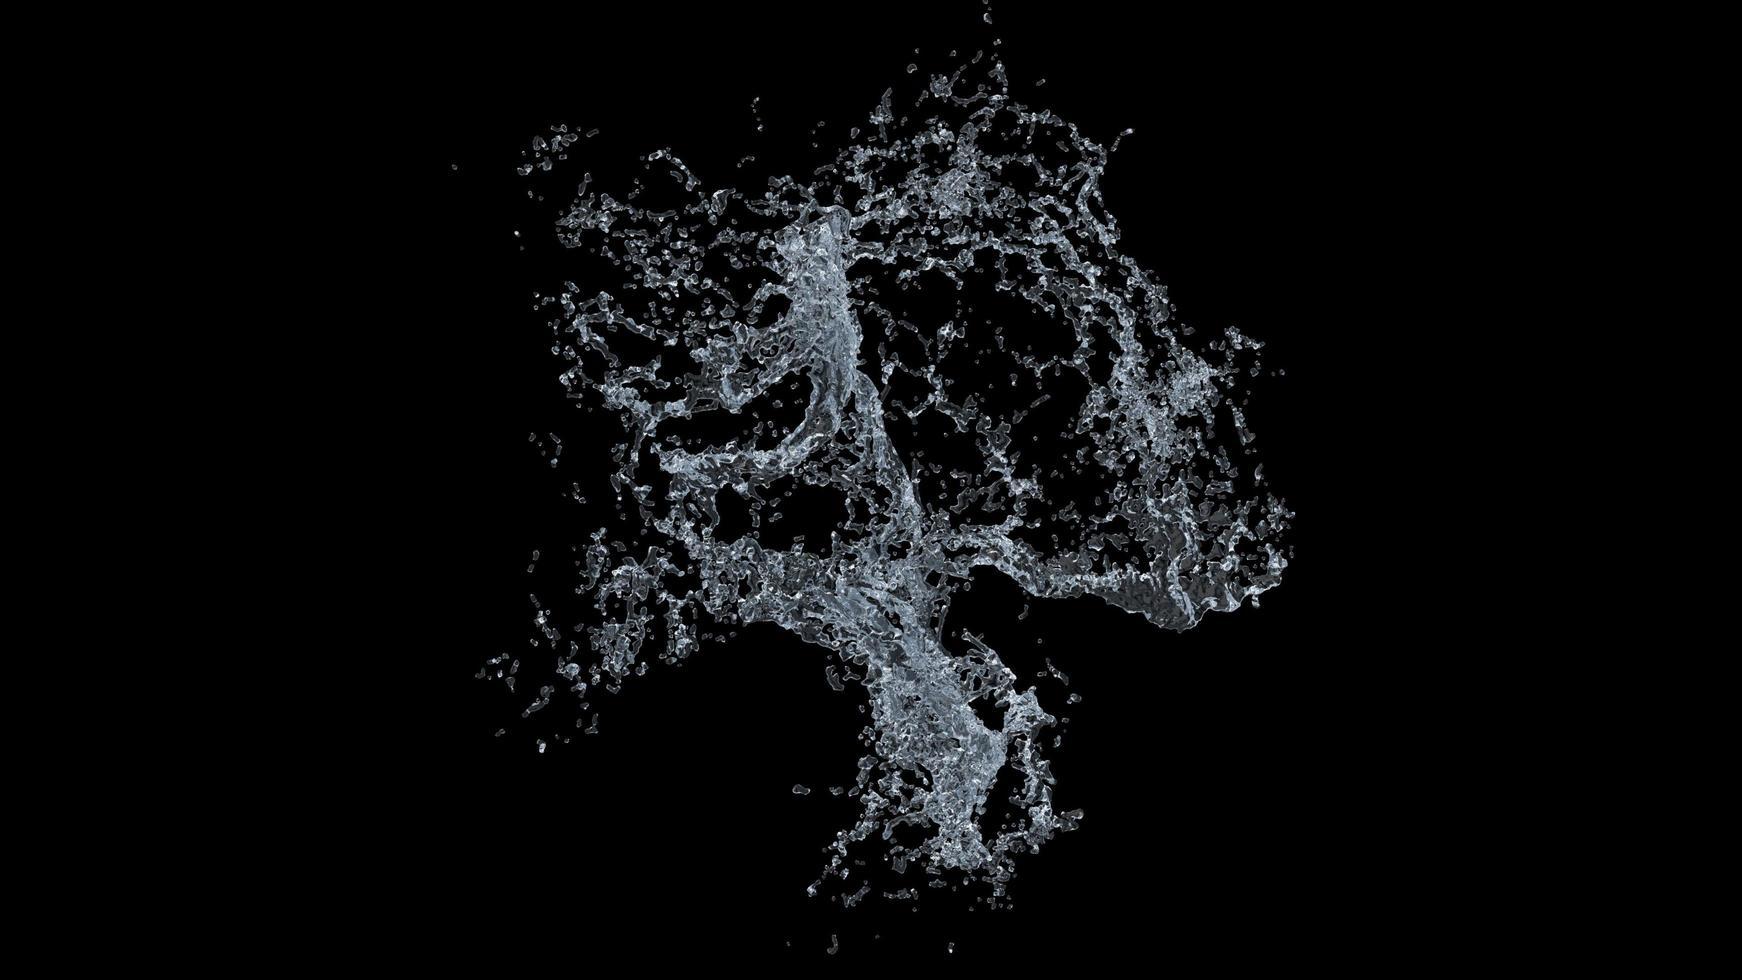 éclaboussure d'eau sur fond noir photo